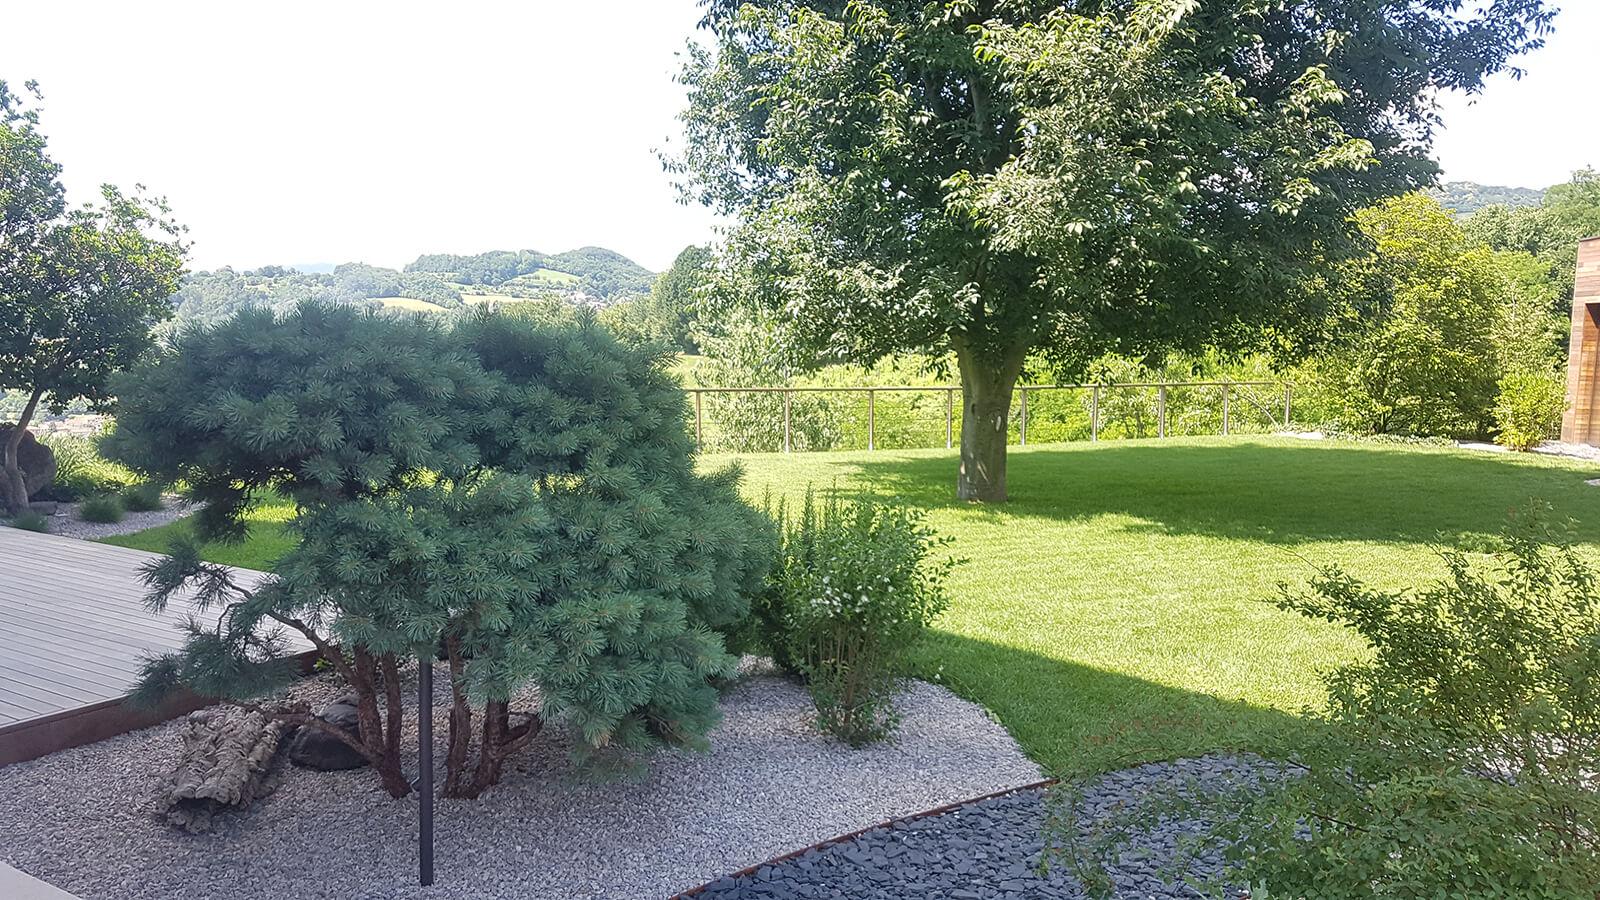 progettazione realizzazione giardini schio - verde blu giardini 4